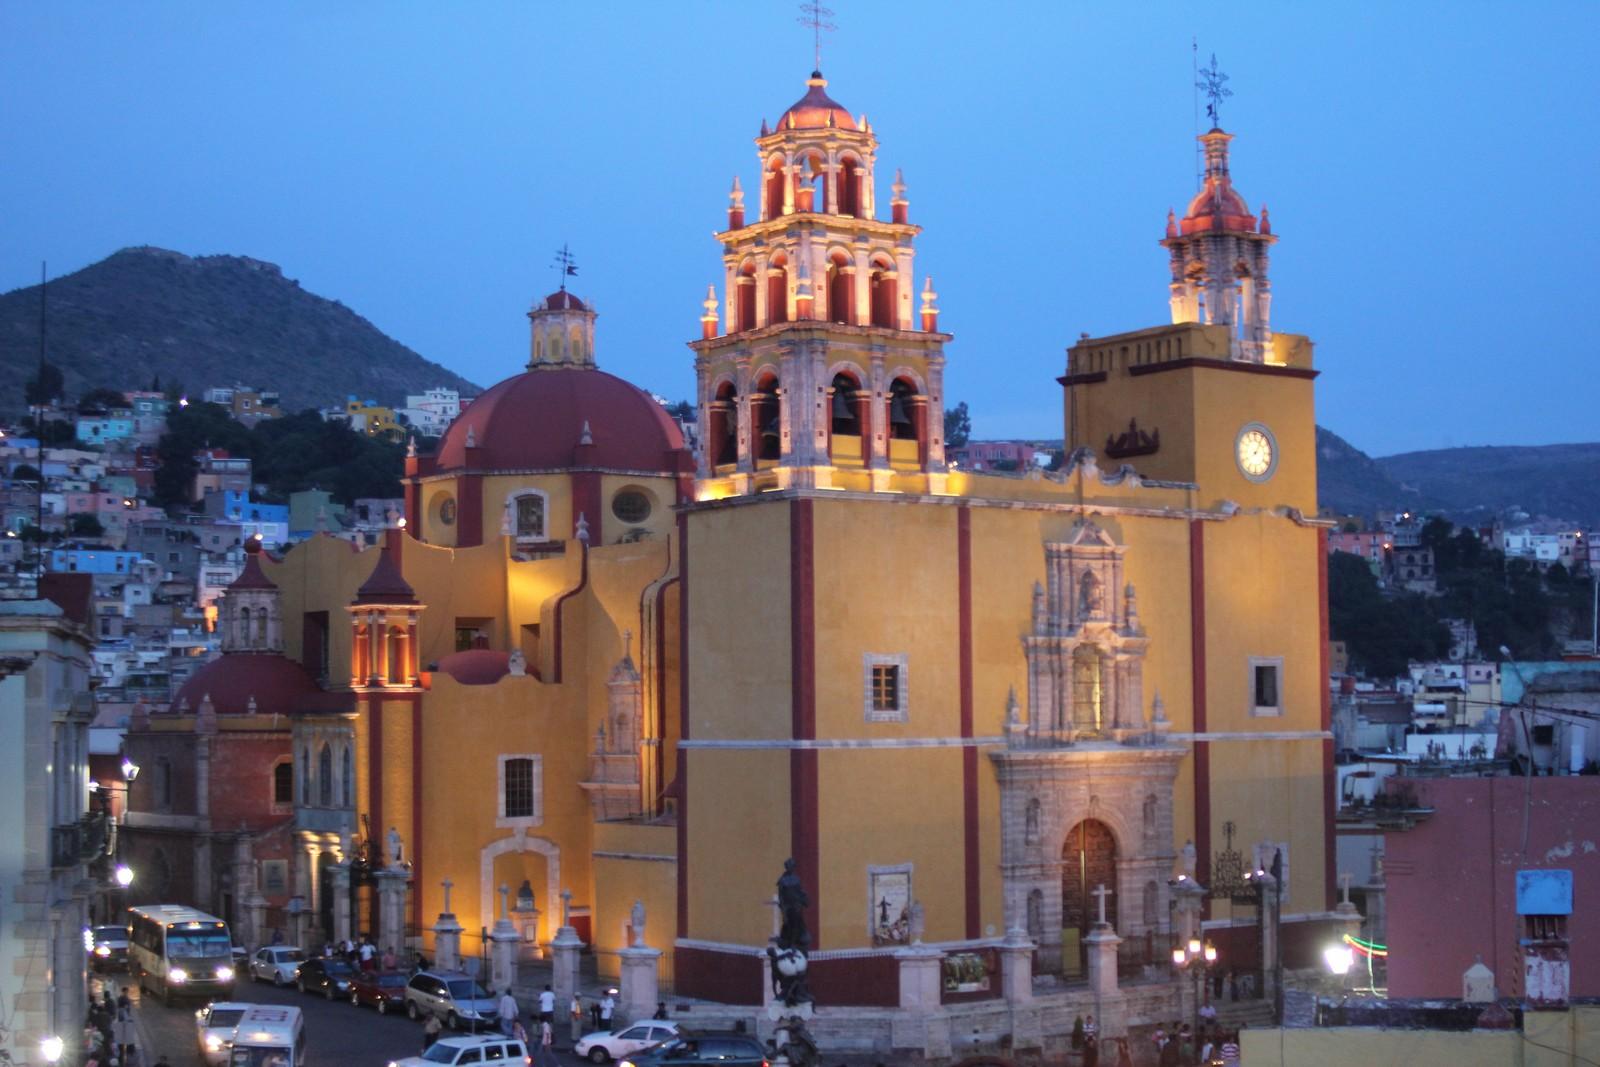 Nuestra Señora de Guanajuato, Famosa por sus iluminaciones, México (18 nov)